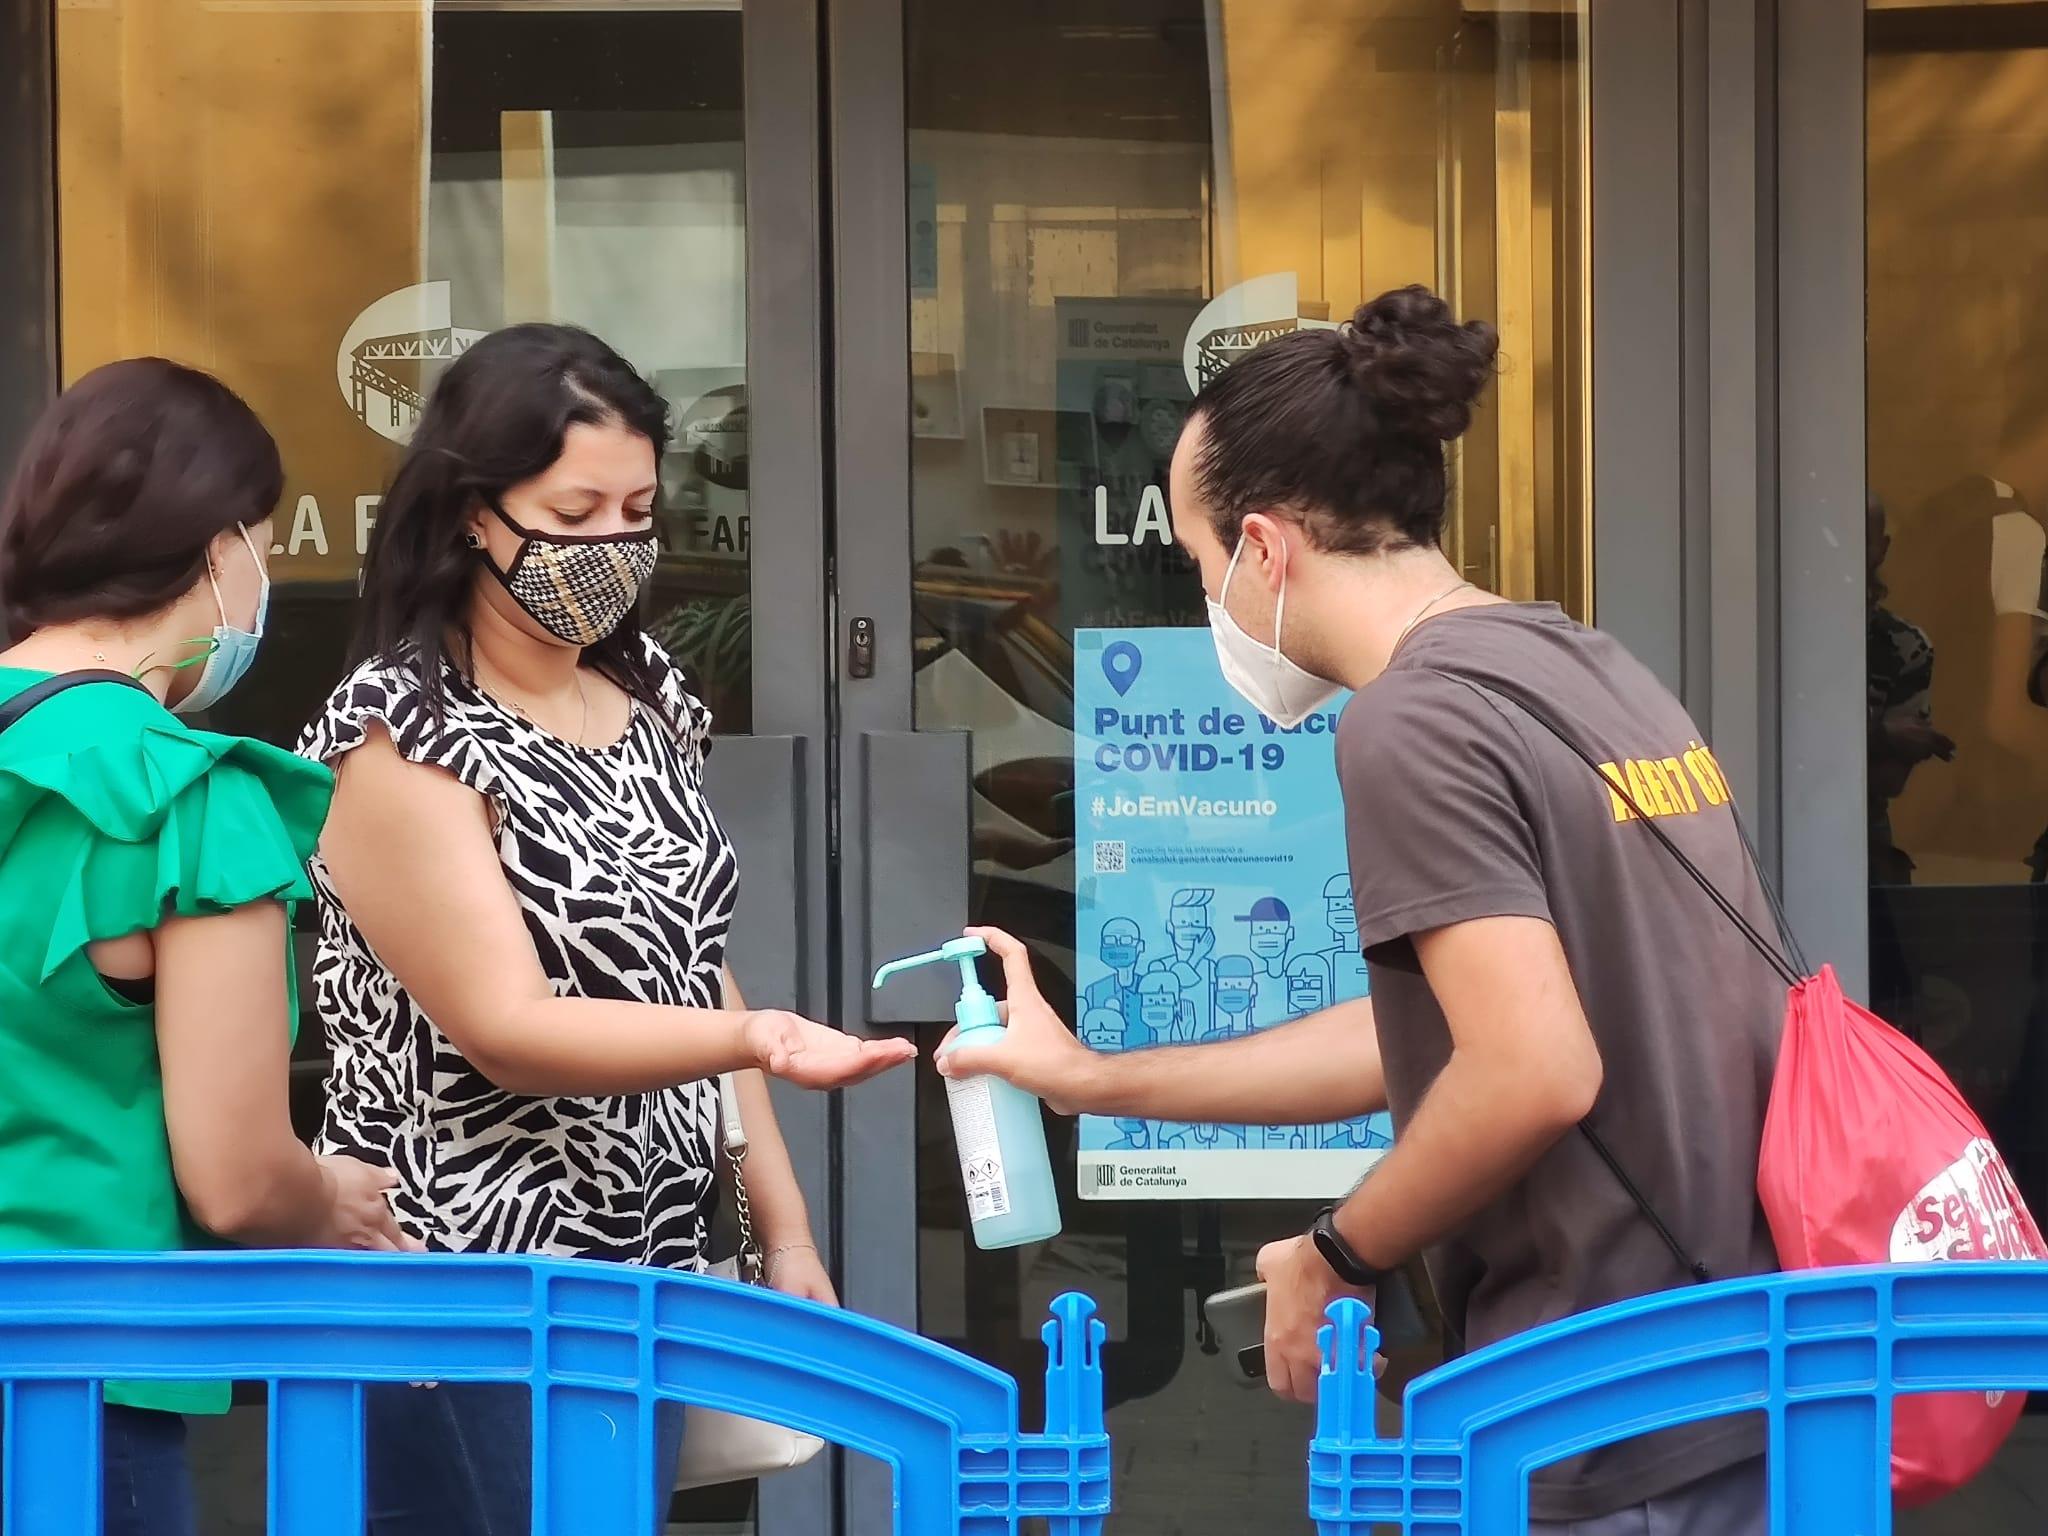 Un agent cívi posa gel hidroalcohòlic a una noia a les portes d'un punt de vacunació a L'Hospitalet de Llobregat / JAG